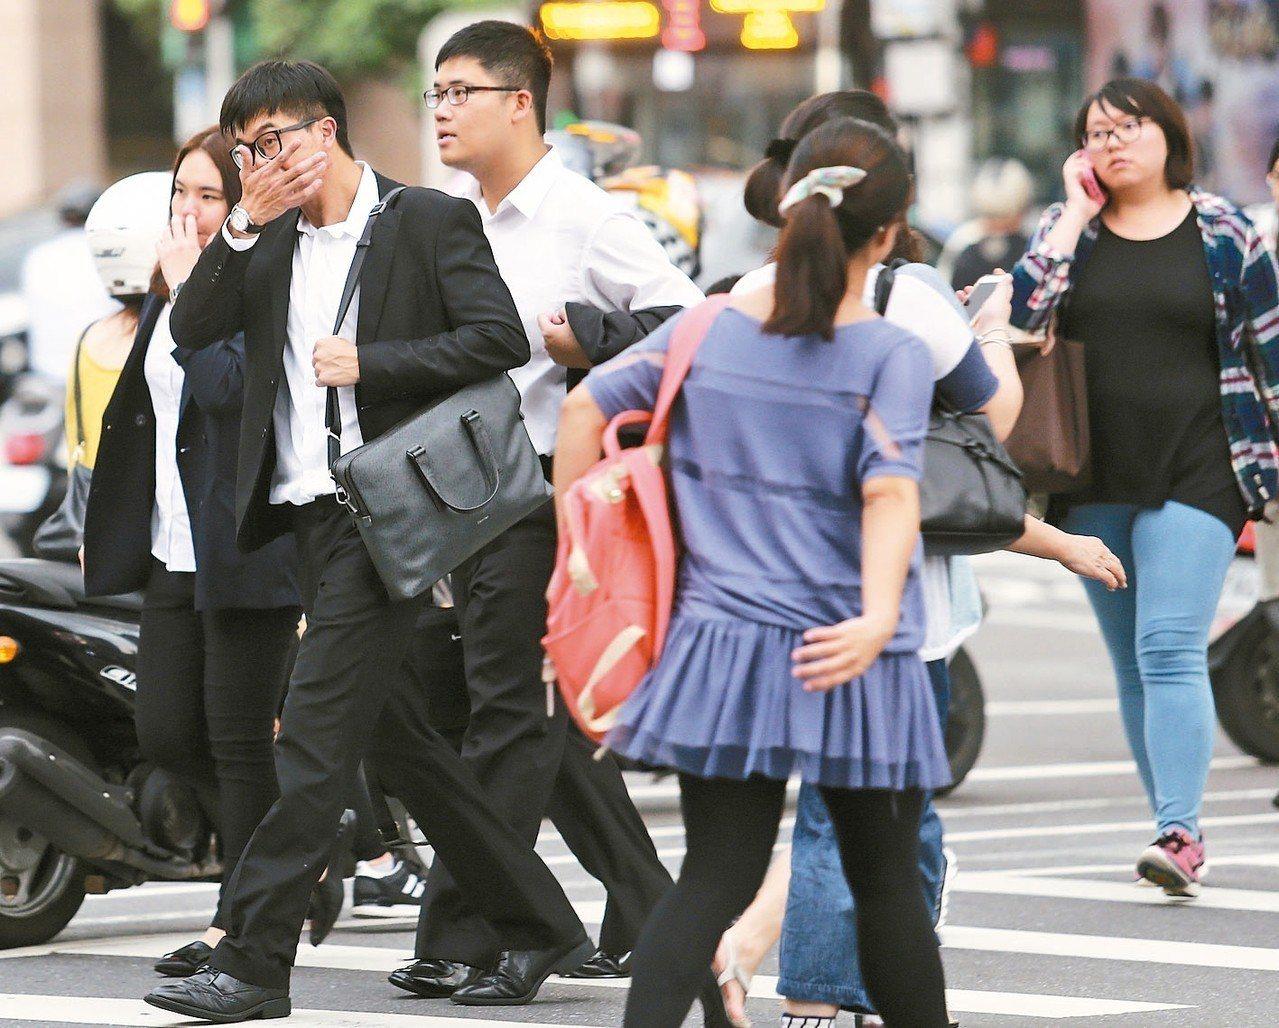 勞動部公布去年15-29歲青年勞工就業狀況調查,去年青年勞工每月薪資平均3萬60...